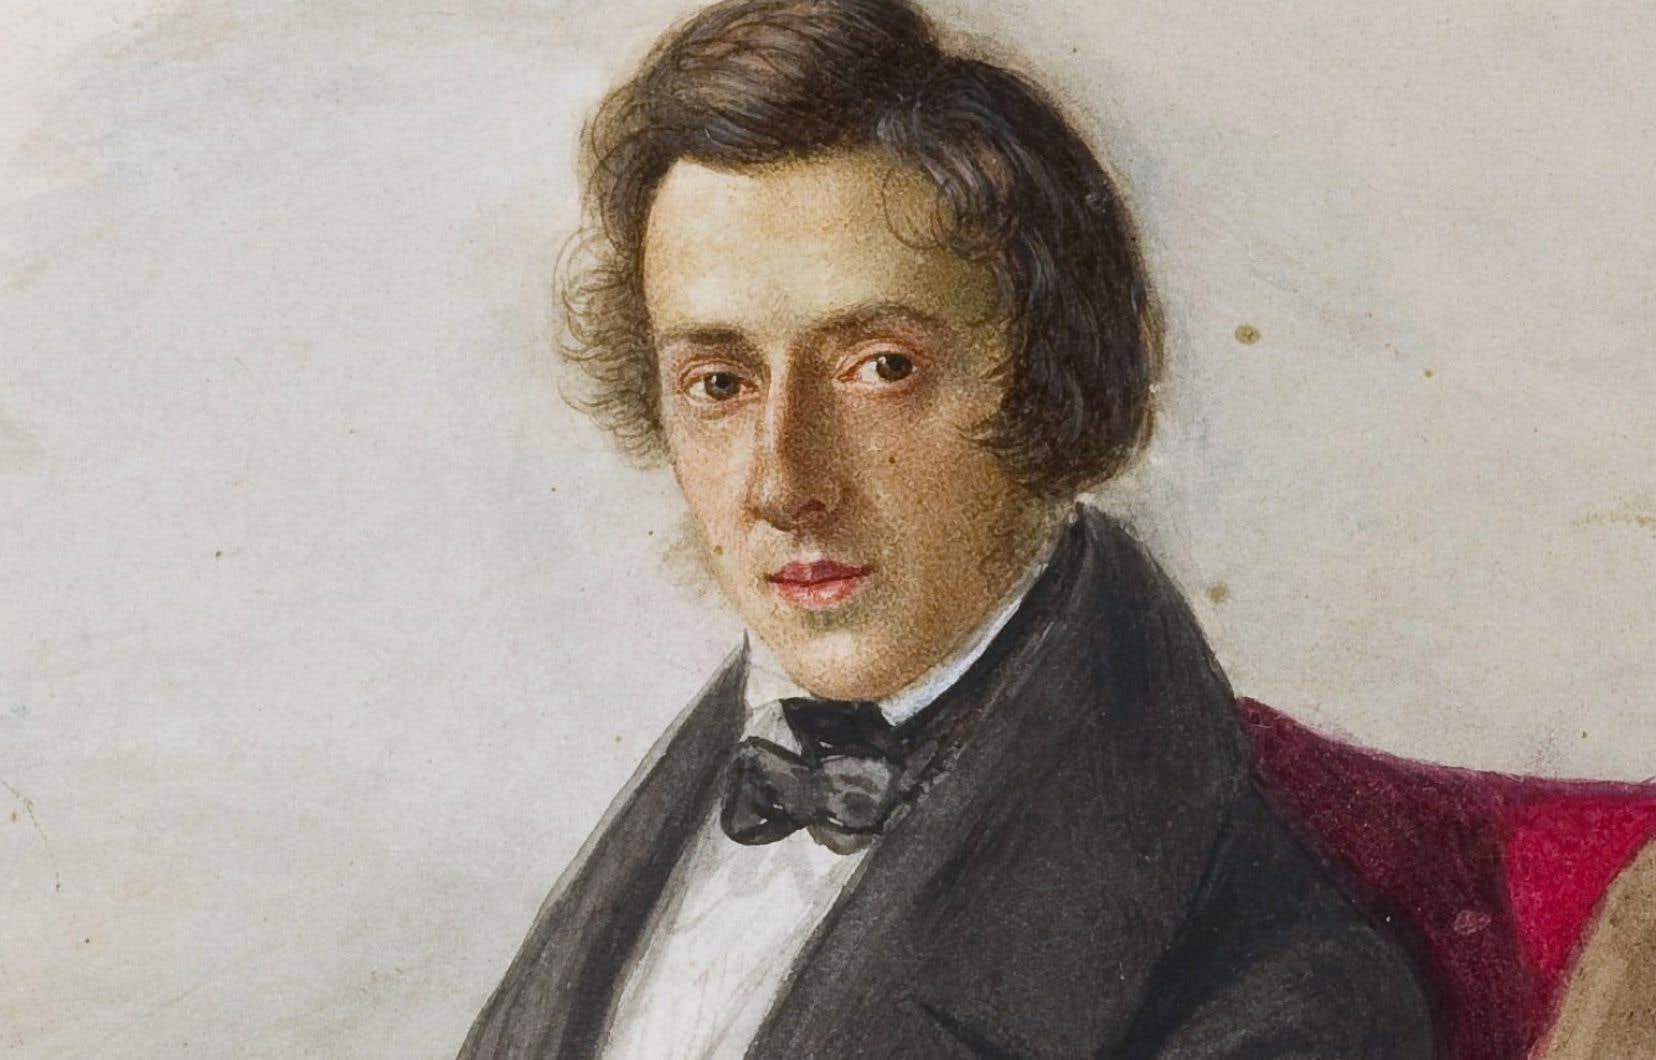 D'ici à 2020, «Chopin sera le premier grand compositeur dont l'ensemble des partitions seront disponibles dans leur version numérisée», a déclaréMaciej Janicki, le directeur adjoint de l'Institutpolonais Frédéric Chopin.